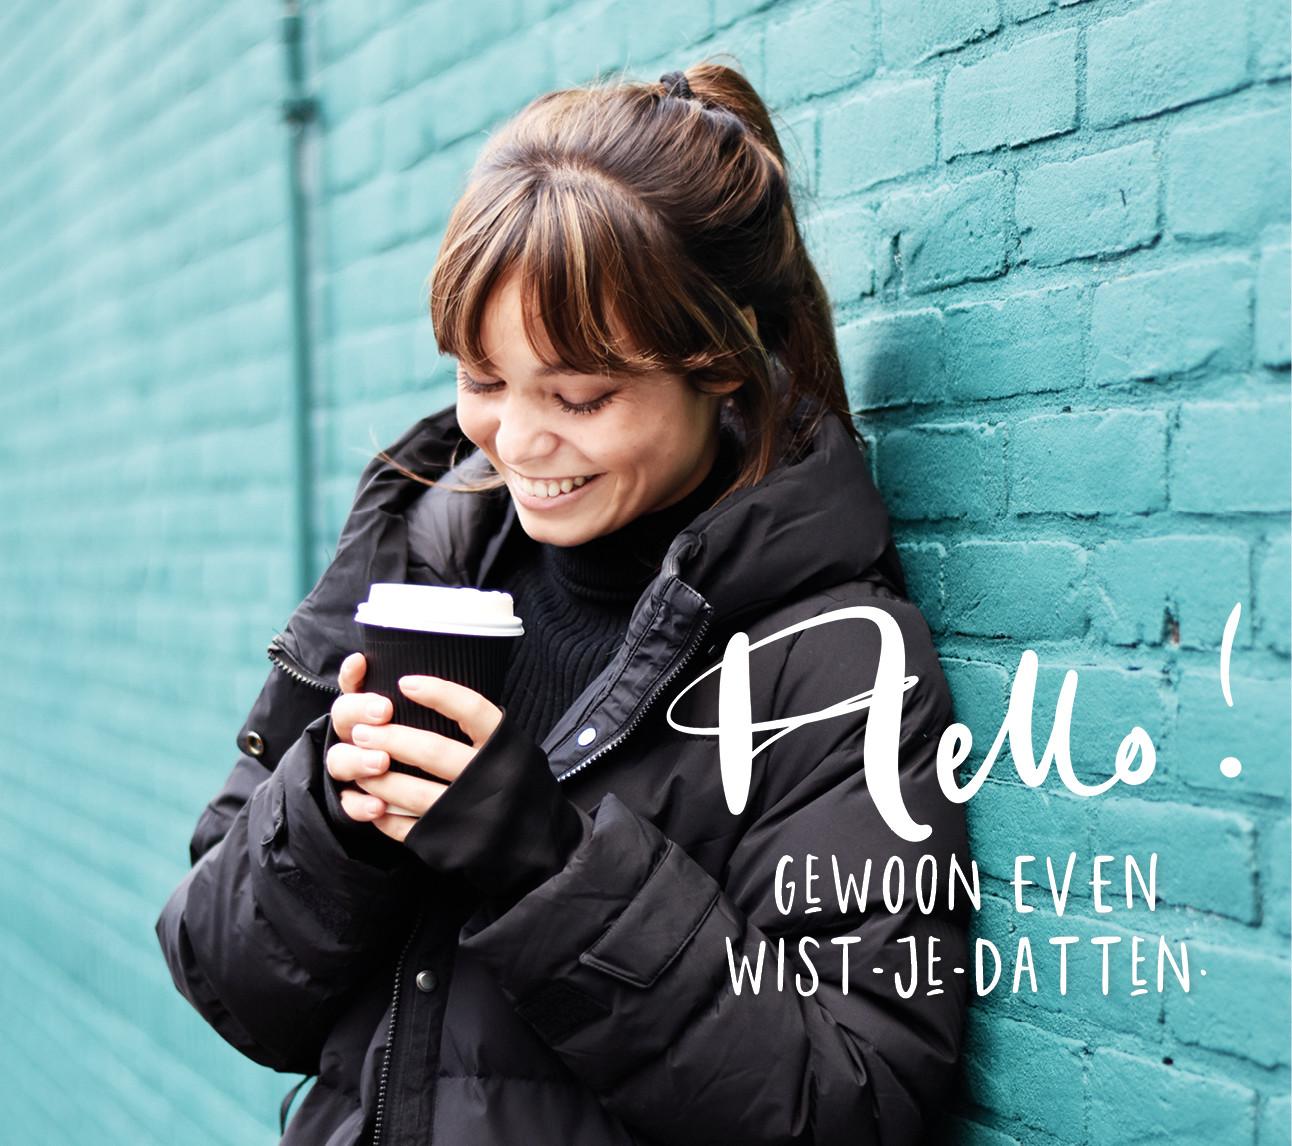 kiki lachend met beker koffie in haar handen buiten op straat